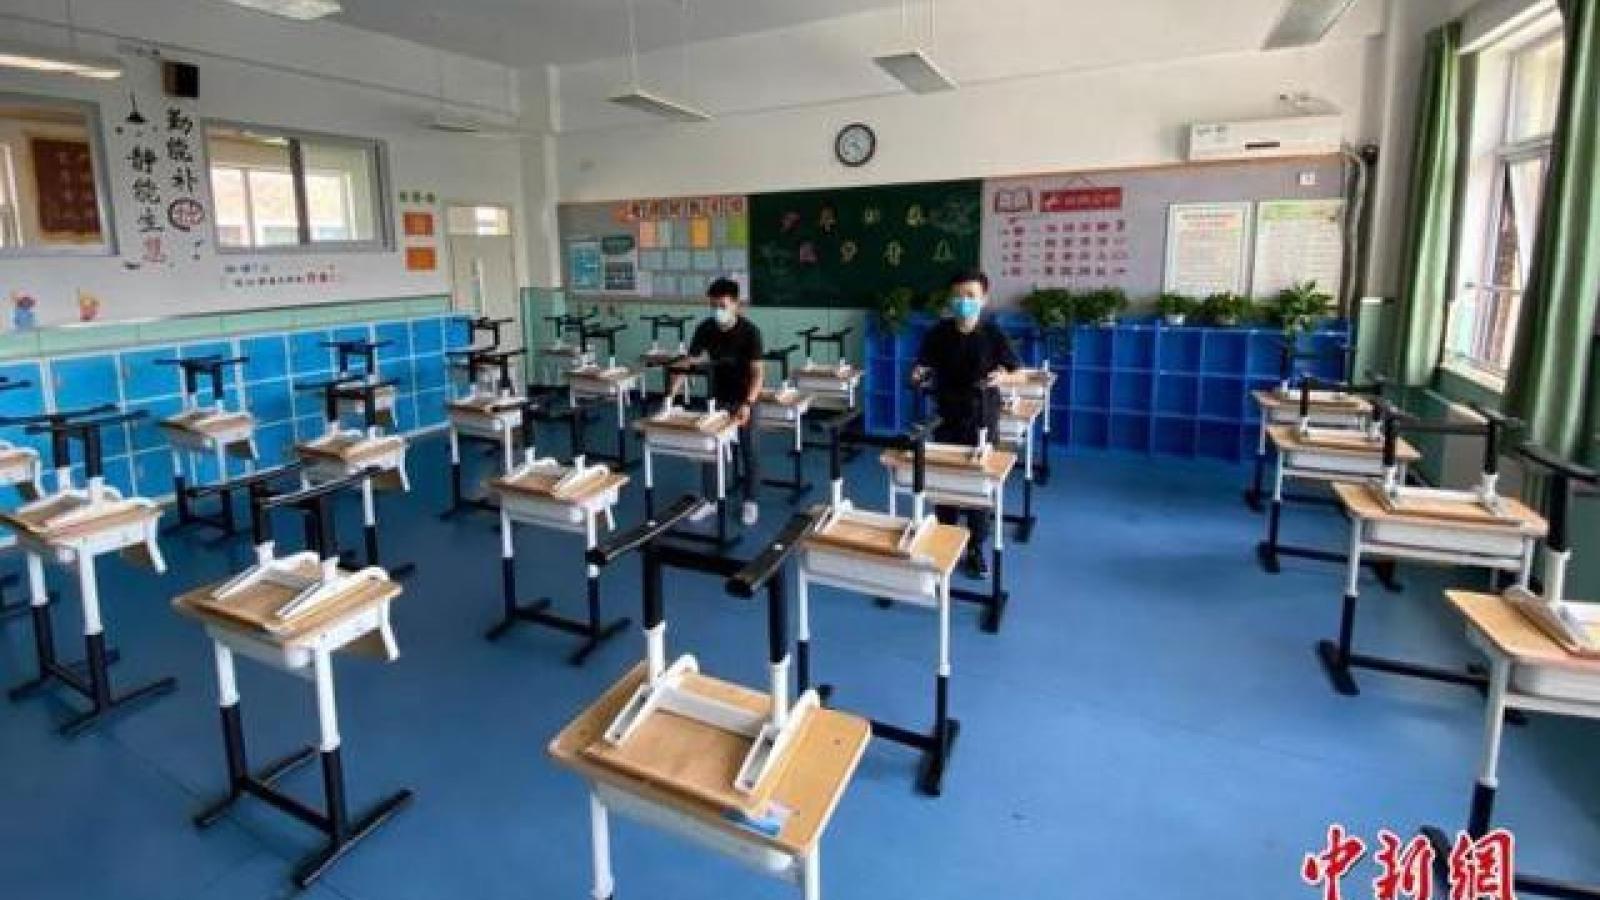 Tỷ lệ học sinh cận thị ở Trung Quốc tăng sau nửa năm học trực tuyến vì Covid-19